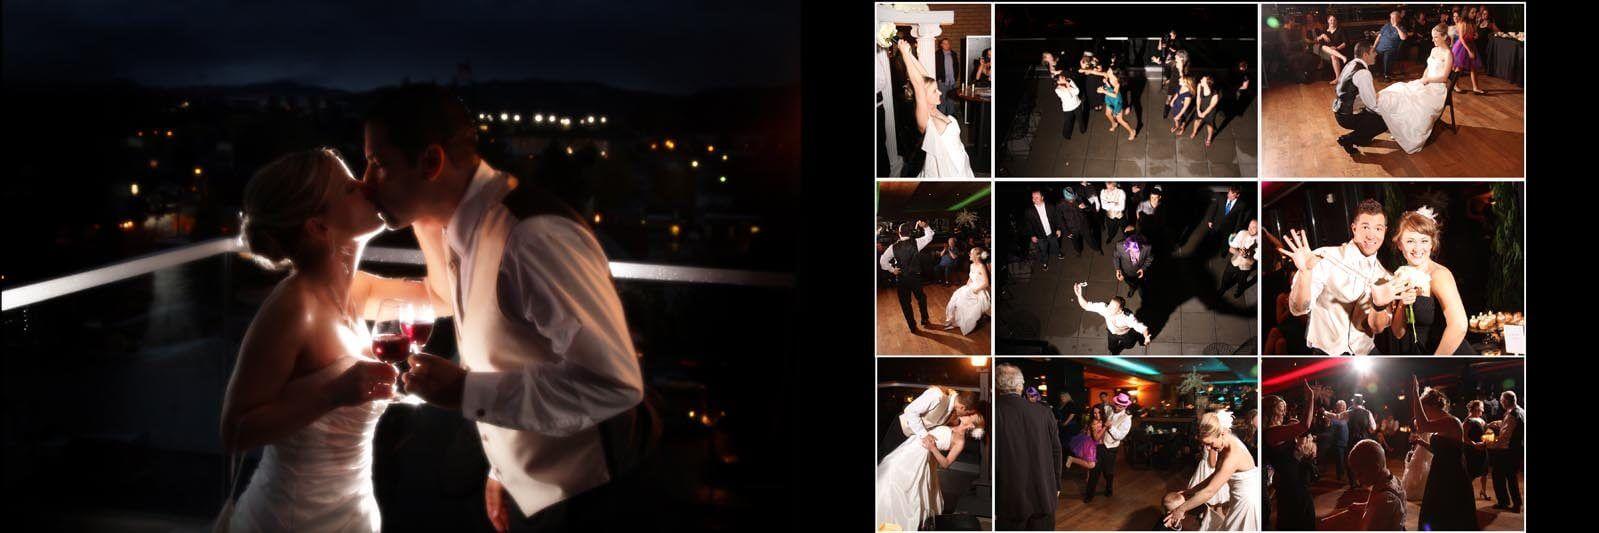 The-Vue-Indoor-Wedding-Venue-Corvallis-Oregon-wedding-photographers048-049.jpg